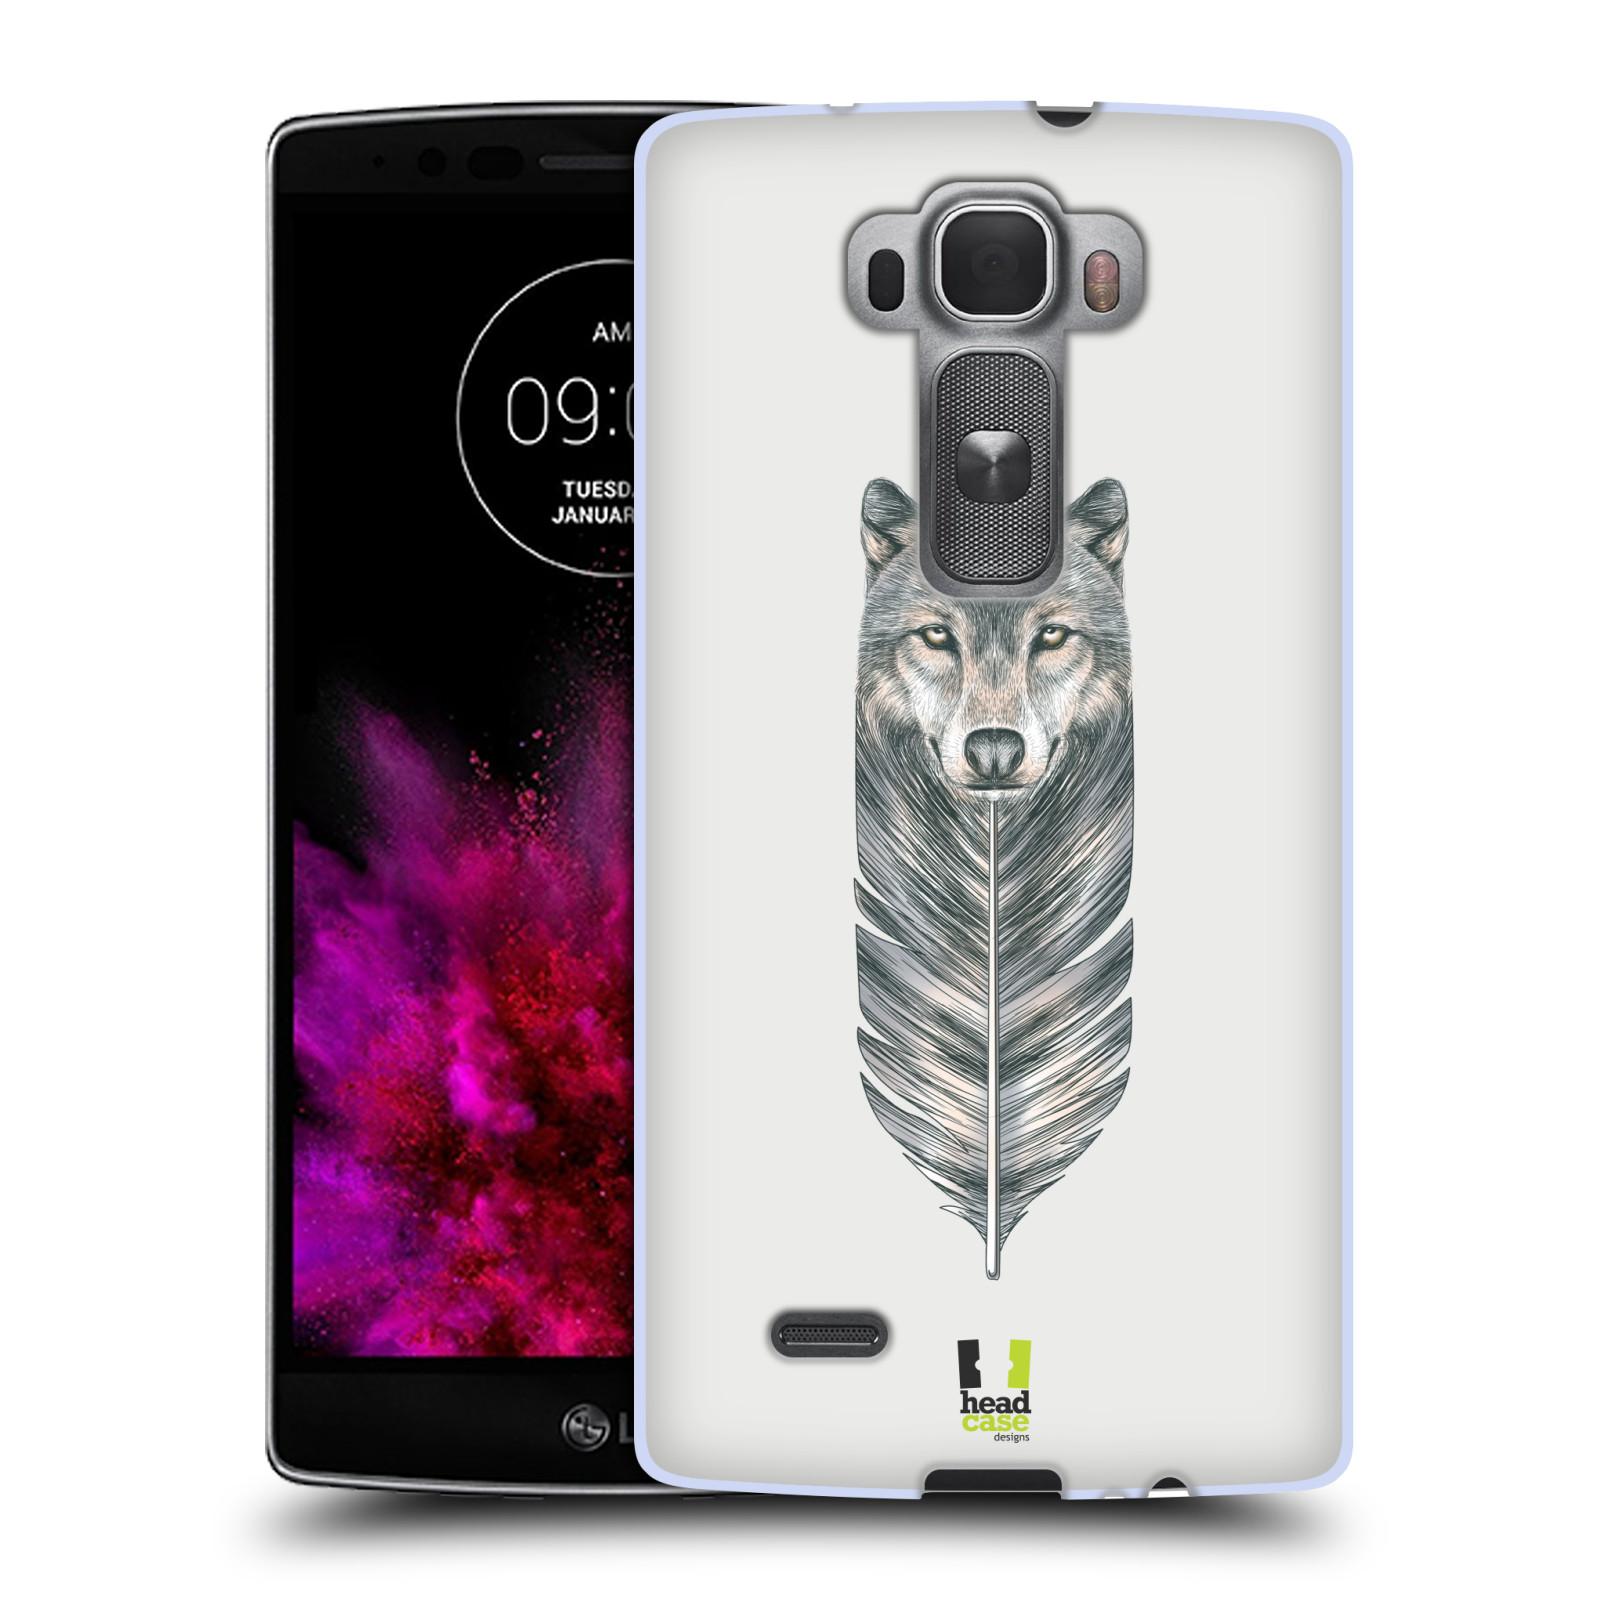 Silikonové pouzdro na mobil LG G Flex 2 HEAD CASE PÍRKO VLK (Silikonový kryt či obal na mobilní telefon LG G Flex 2 H955)